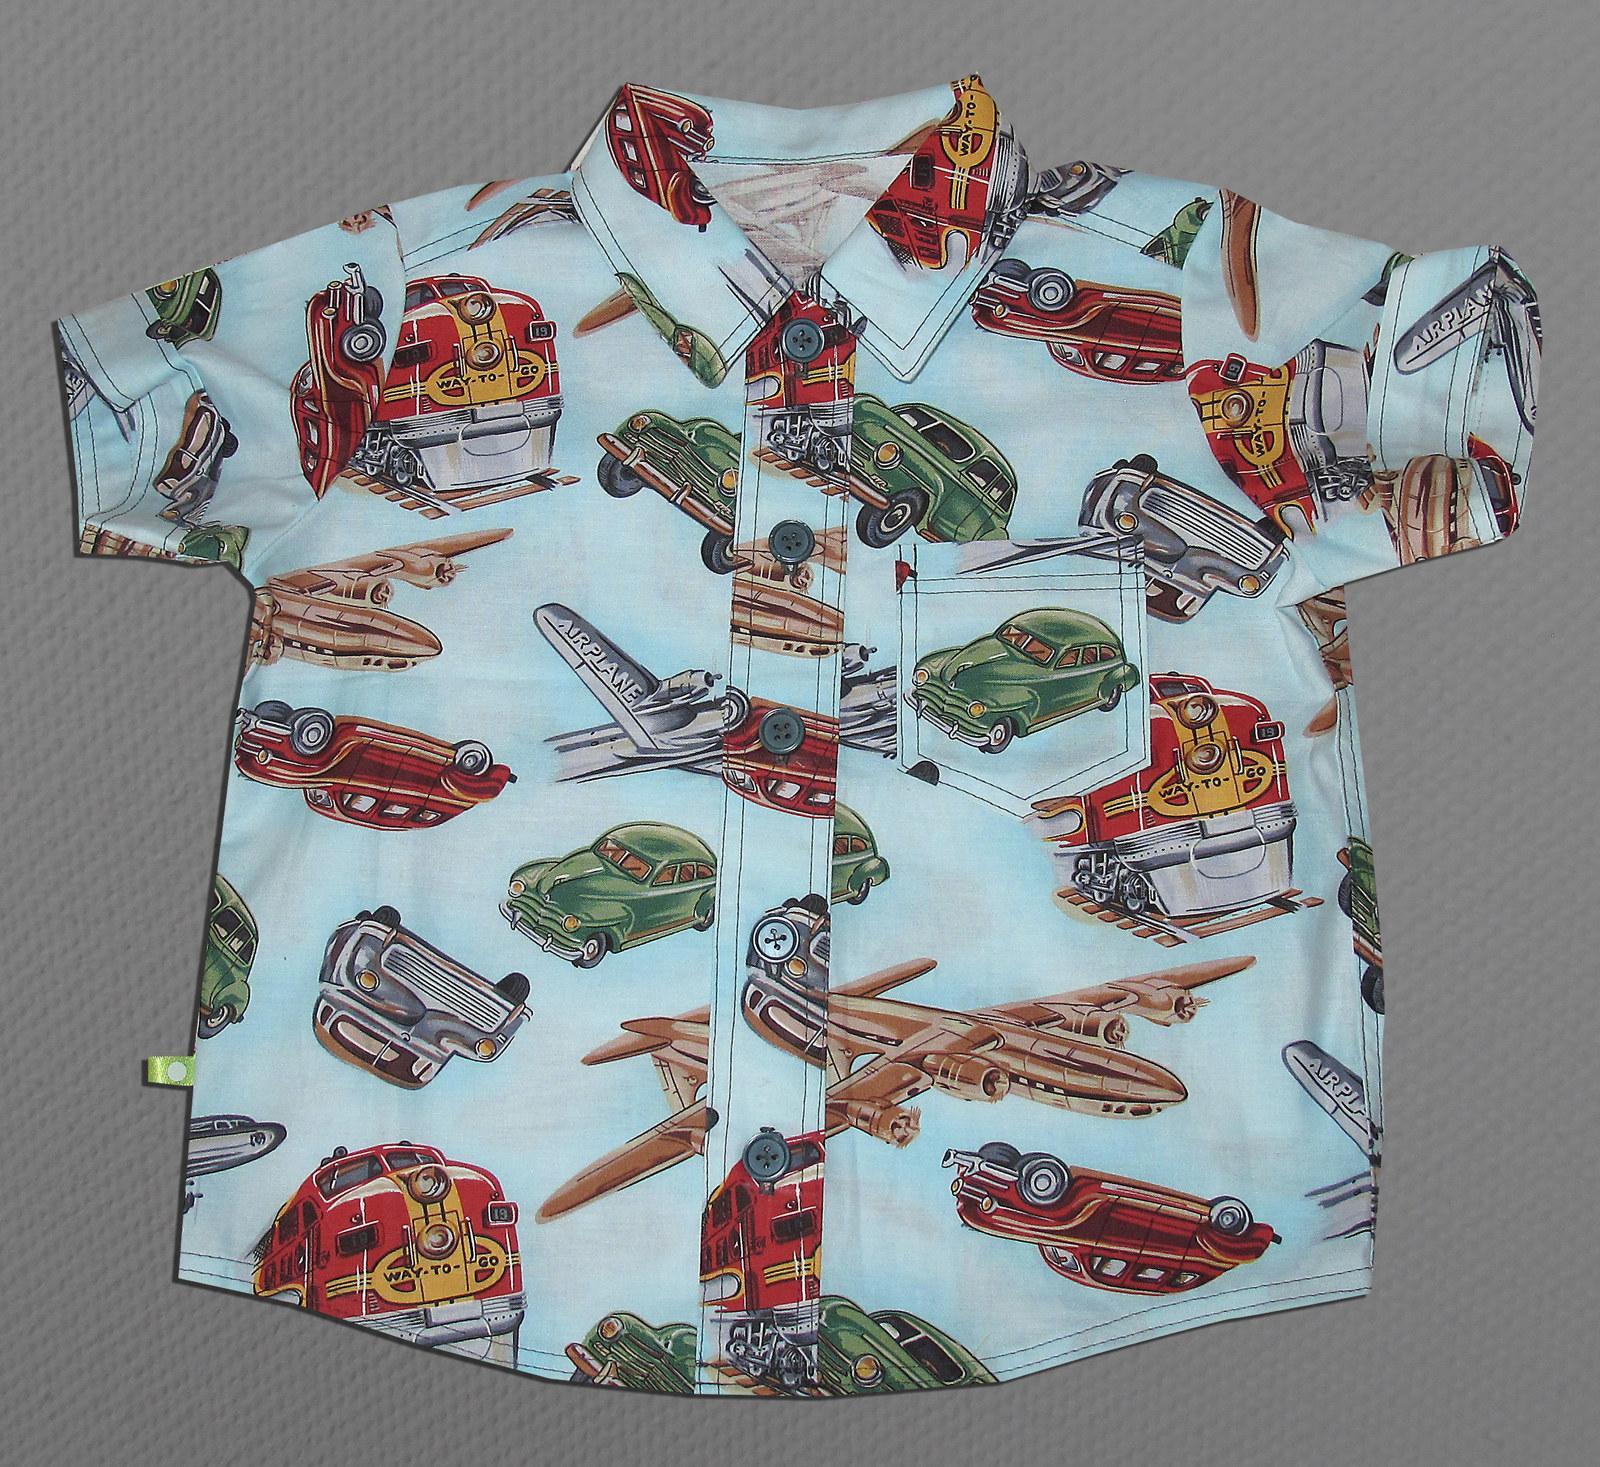 ec05f86485f Letní košile retro auta vel. 2-3 roky   Zboží prodejce Můj skřítek ...